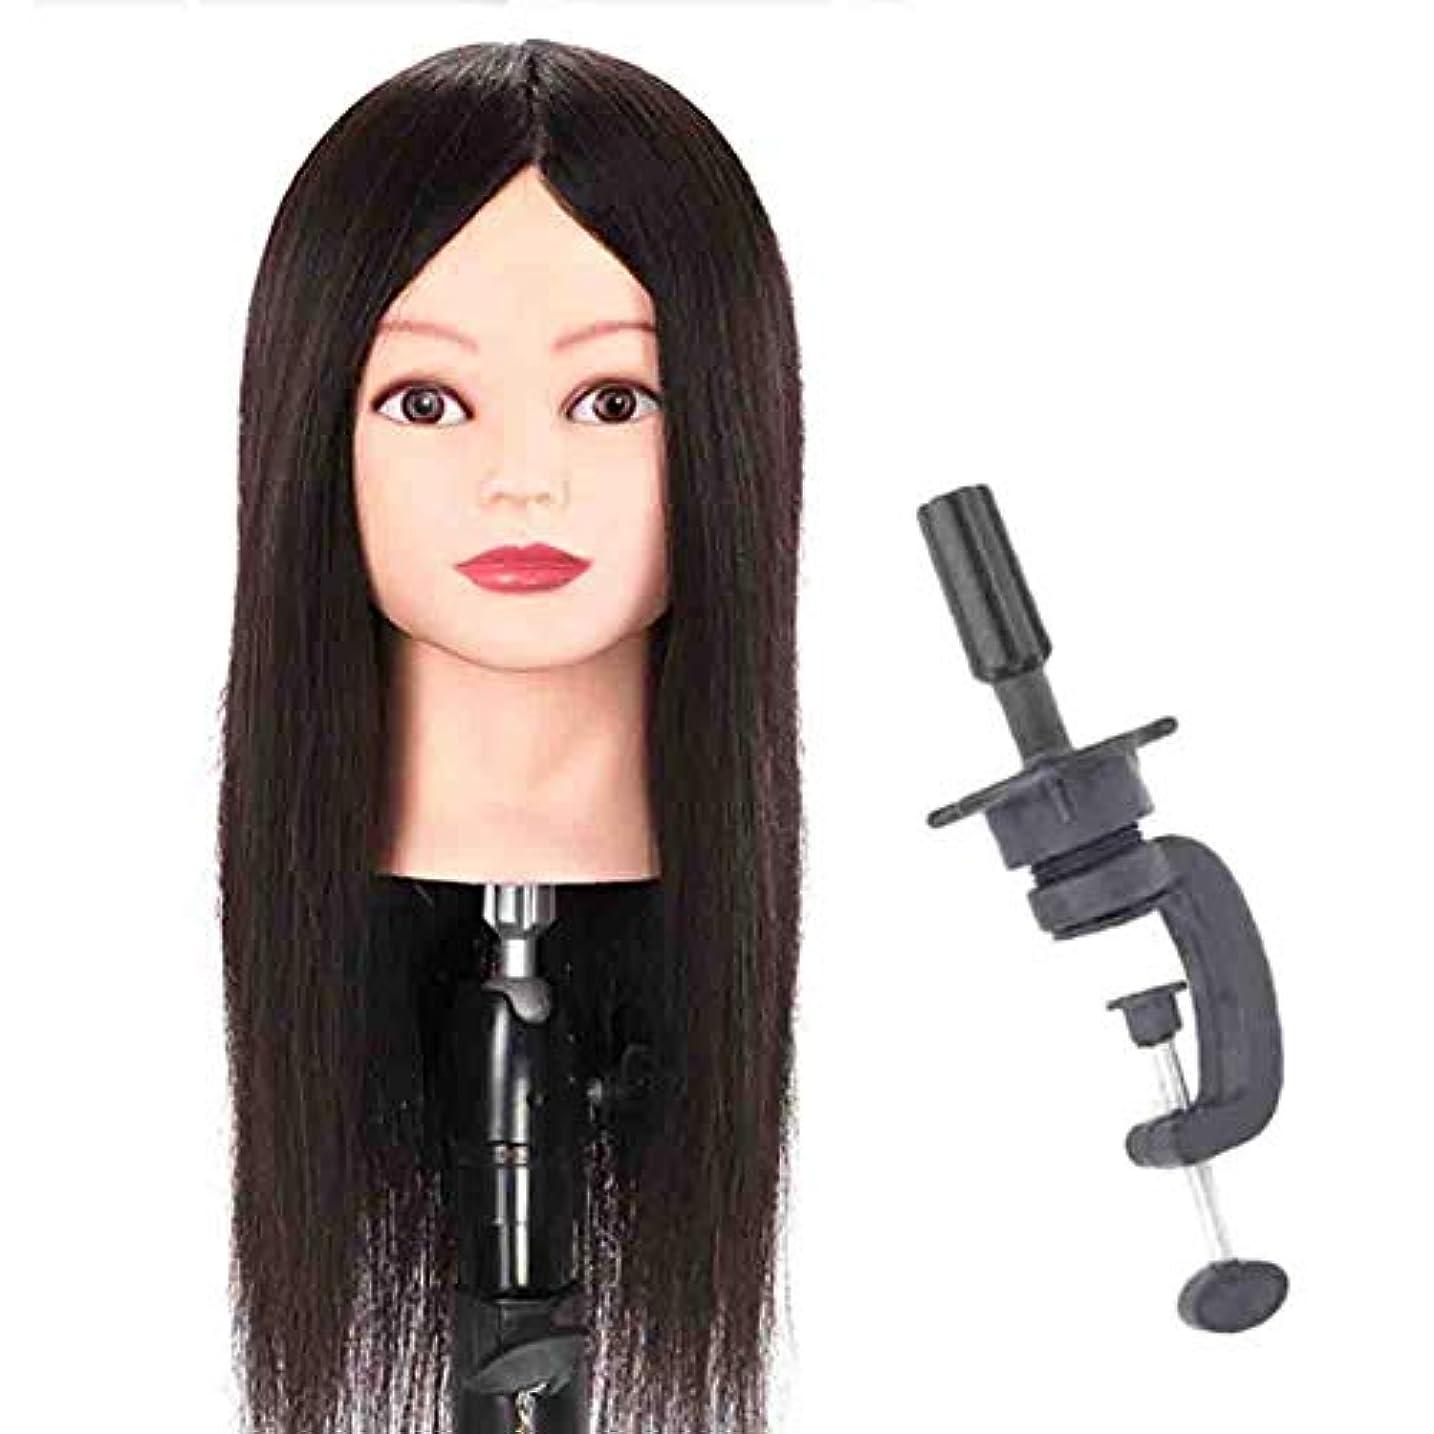 アウター一目凶暴なリアルヘアヘアメイクヘッドモールドヘアサロン練習ホット染色トリミングダミーモデルティーチングヘッド